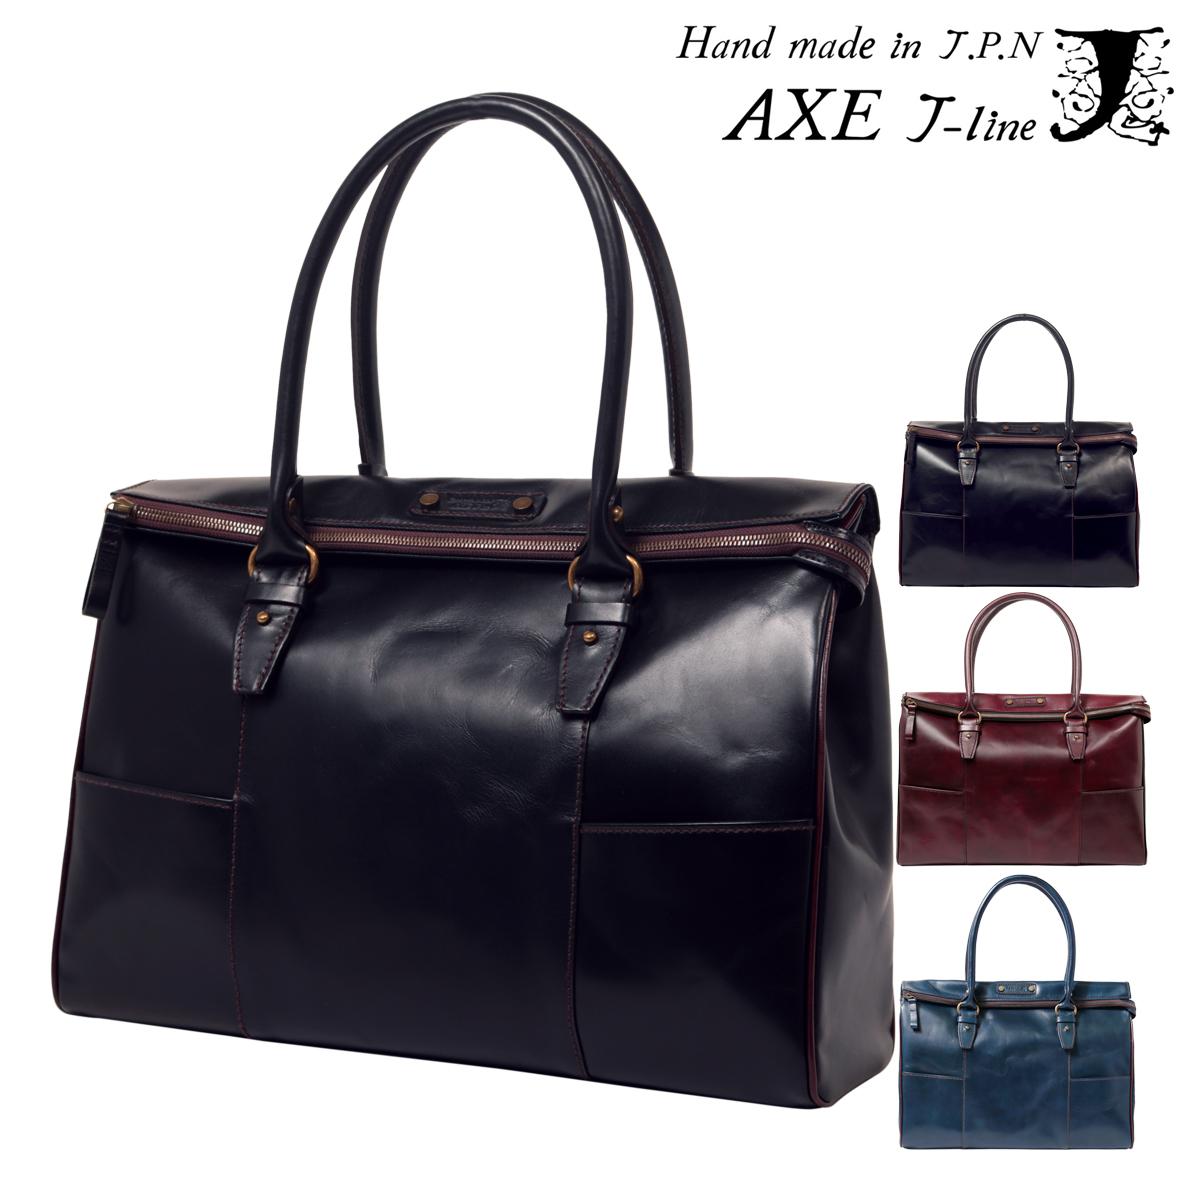 アックス ジャパンライン ビジネスバッグ ビジネストート メンズ 本革 B4 ウーノ 143572 日本製 国産 牛革 レザー トートバッグ ボストンバッグ AXE J-line